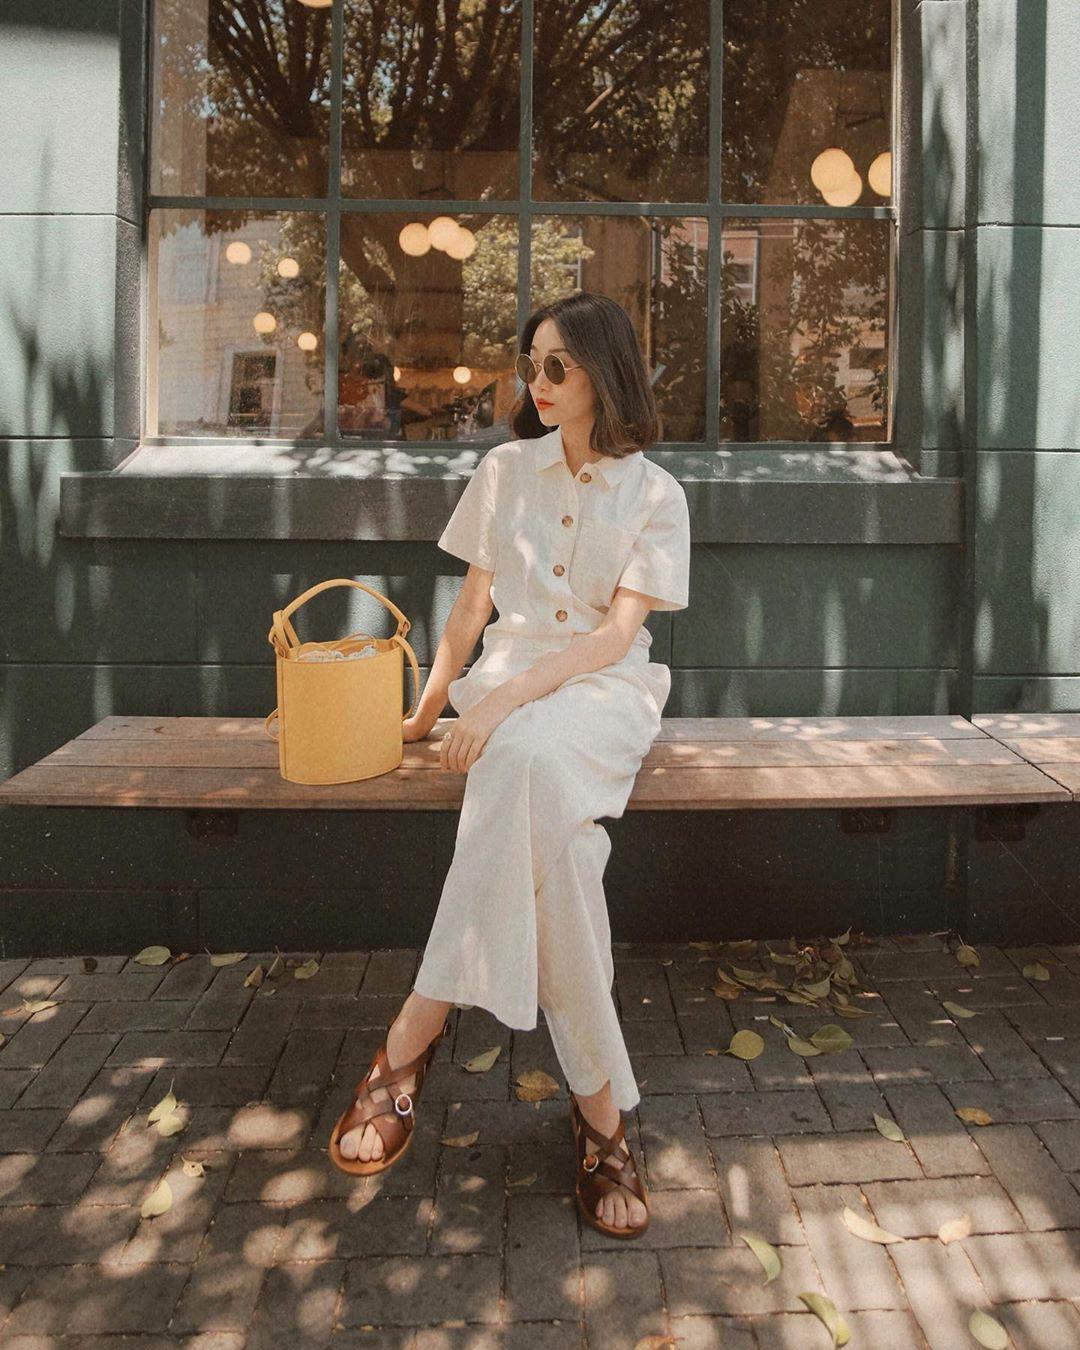 Bạn sẽ hối hận nếu không thử style tối giản, bởi đây là cách nhanh nhất giúp mọi chị em mặc đẹp và sang 365 ngày - Ảnh 3